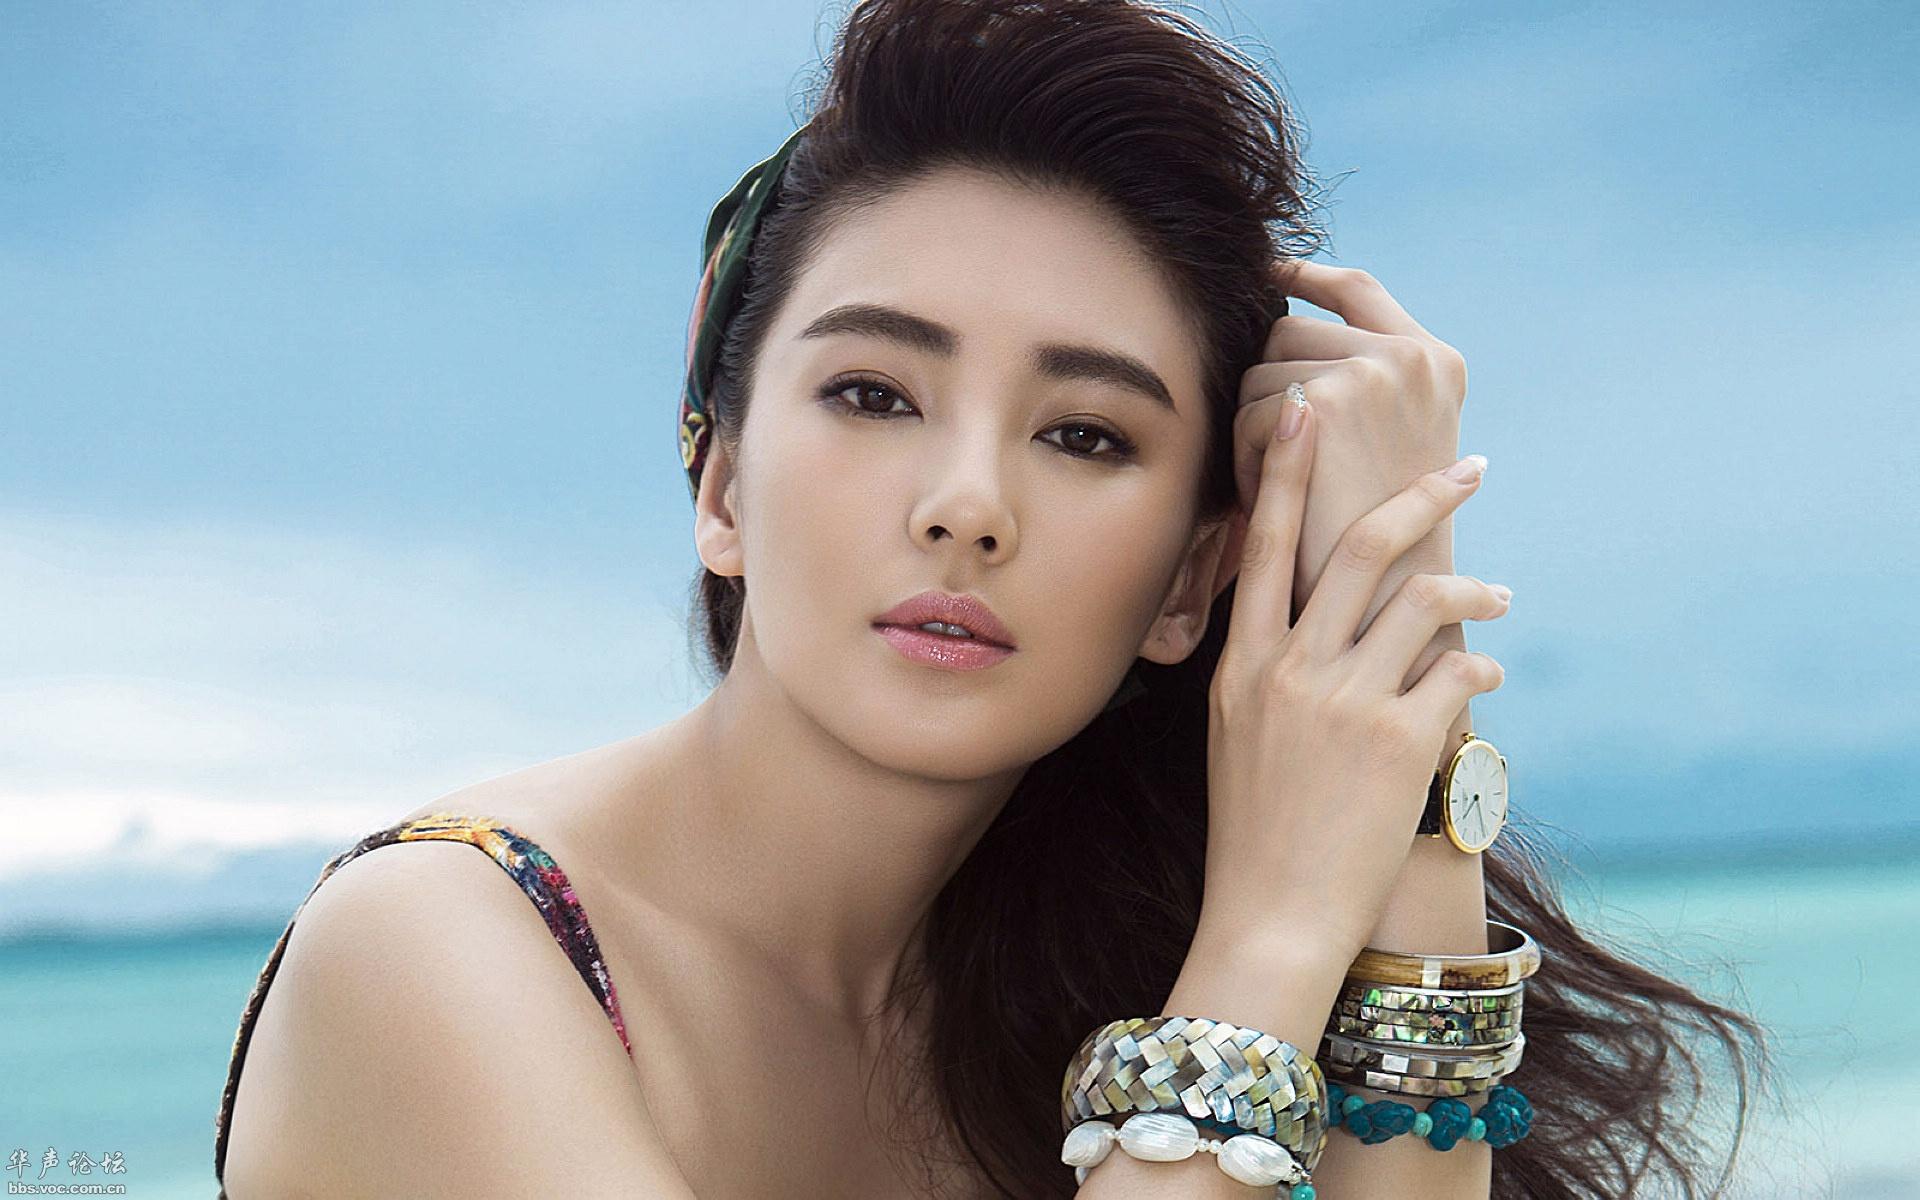 华语电影演员张雨绮 - 花開有聲 - 花開有聲